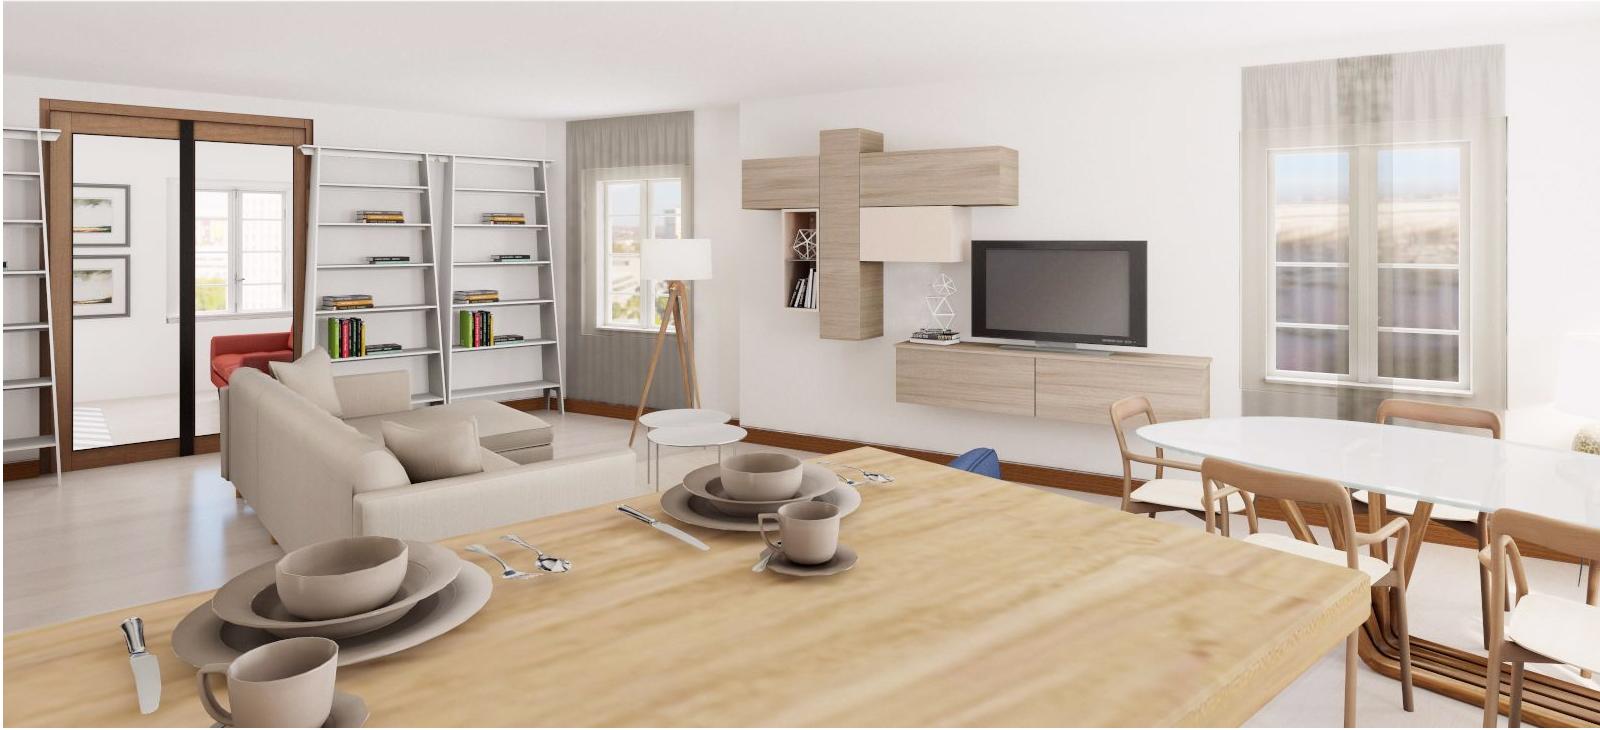 Alcune idee per dividere una casa in pi unit idealista - La casa con le finestre che ridono ...